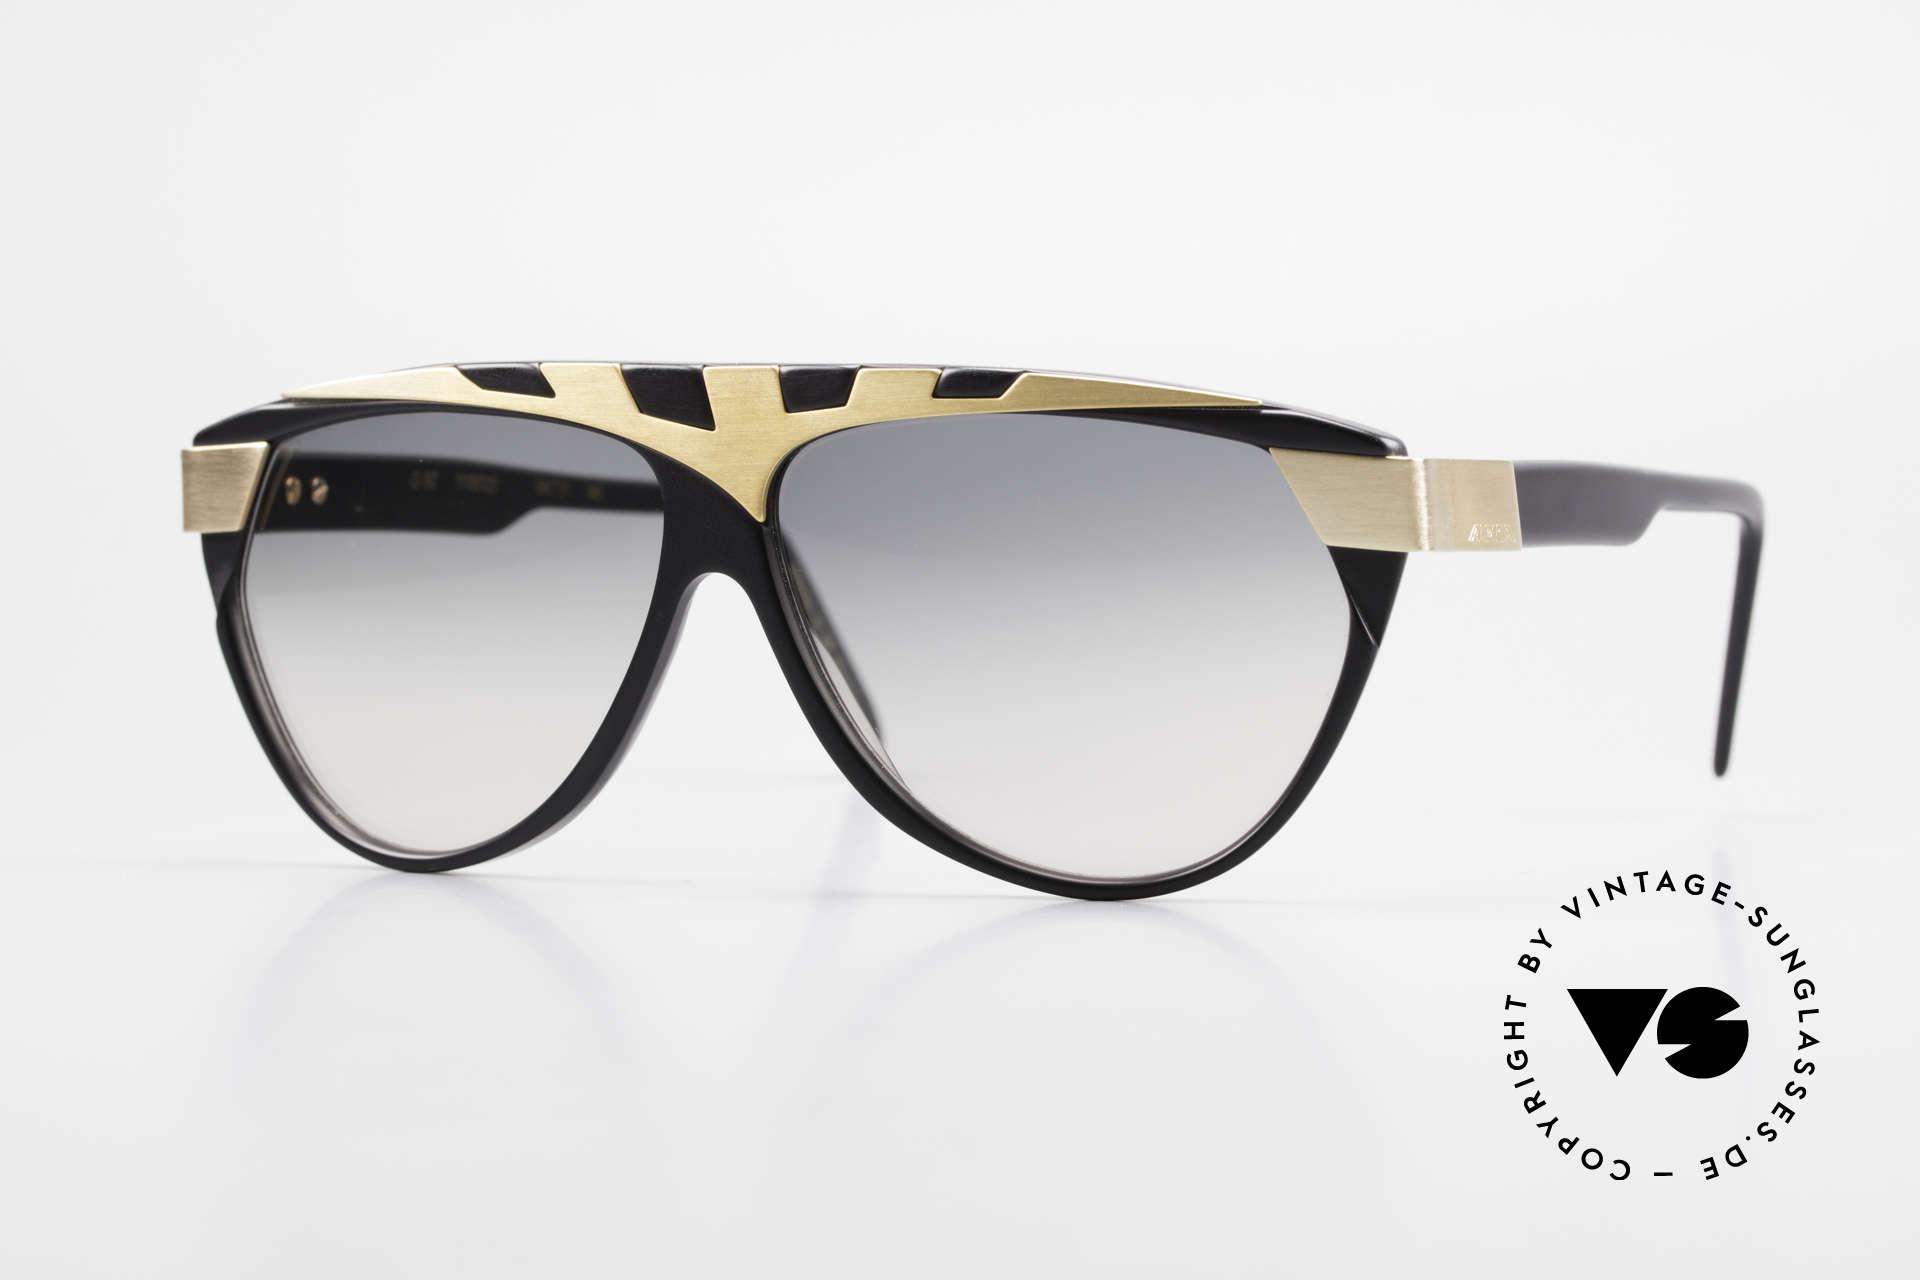 Alpina G80 Vergoldete 80er Sonnenbrille, vintage Modell aus dem 'Genesis Project' von Alpina, Passend für Herren und Damen